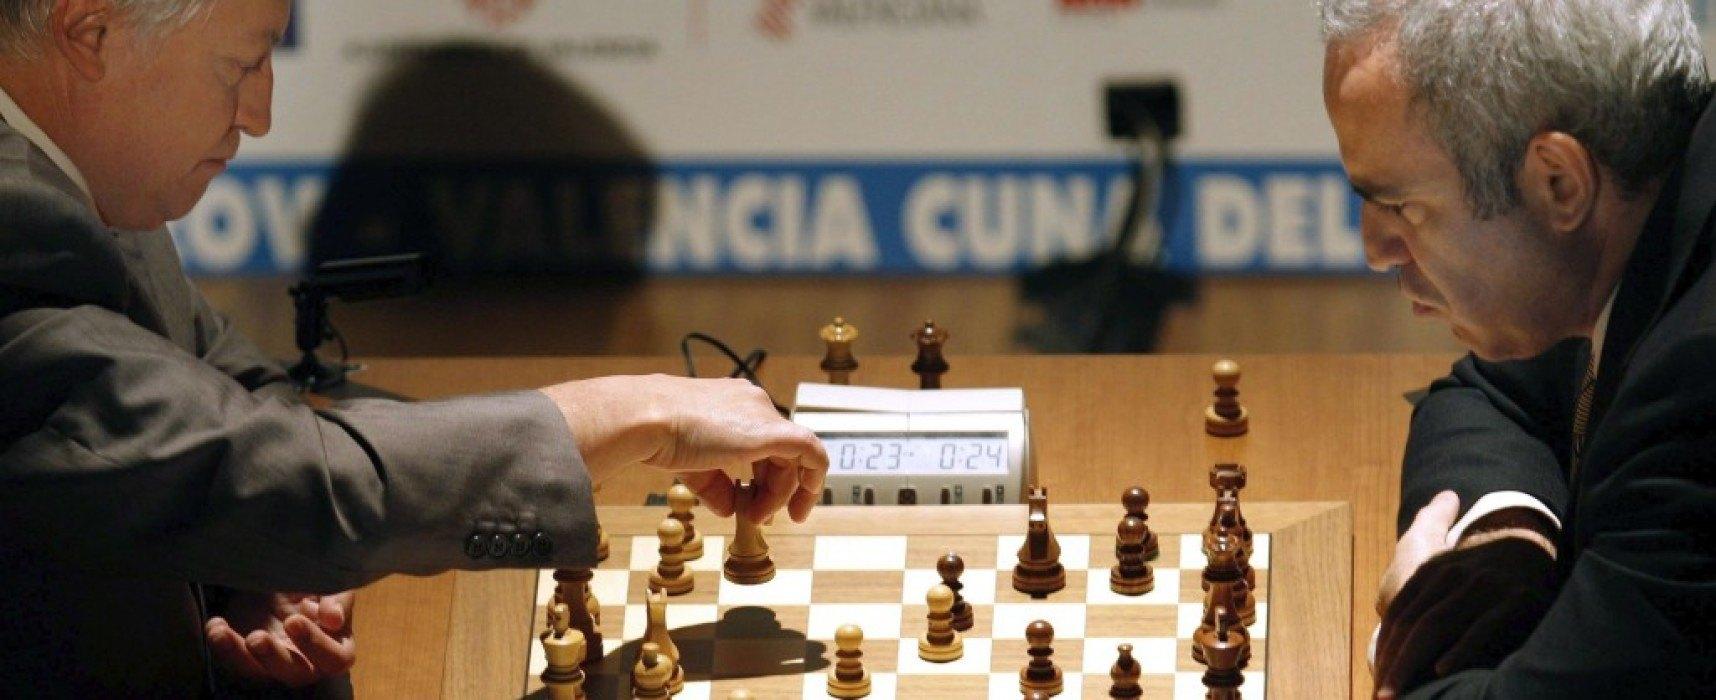 Cap. 4: Duelo Karpov Vs. Kasparov y beneficios del ajedrez en las escuelas